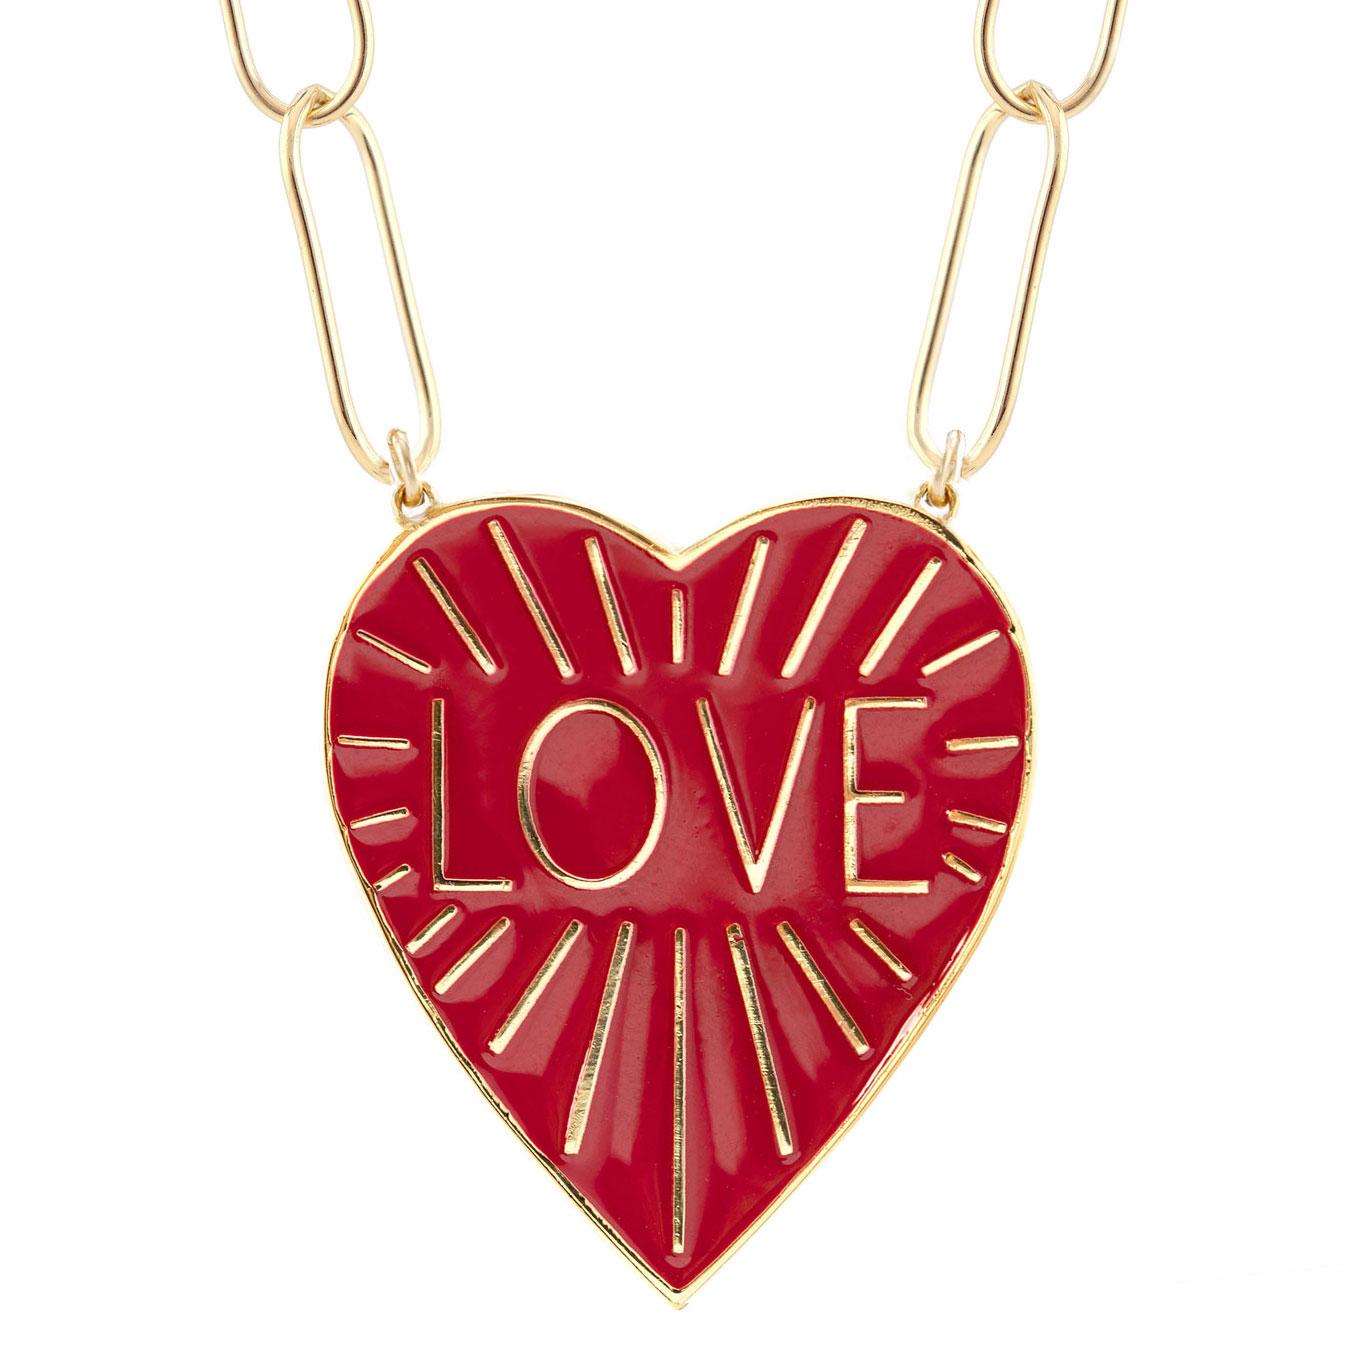 Love Heart Enamel Pendant Necklace, Coral